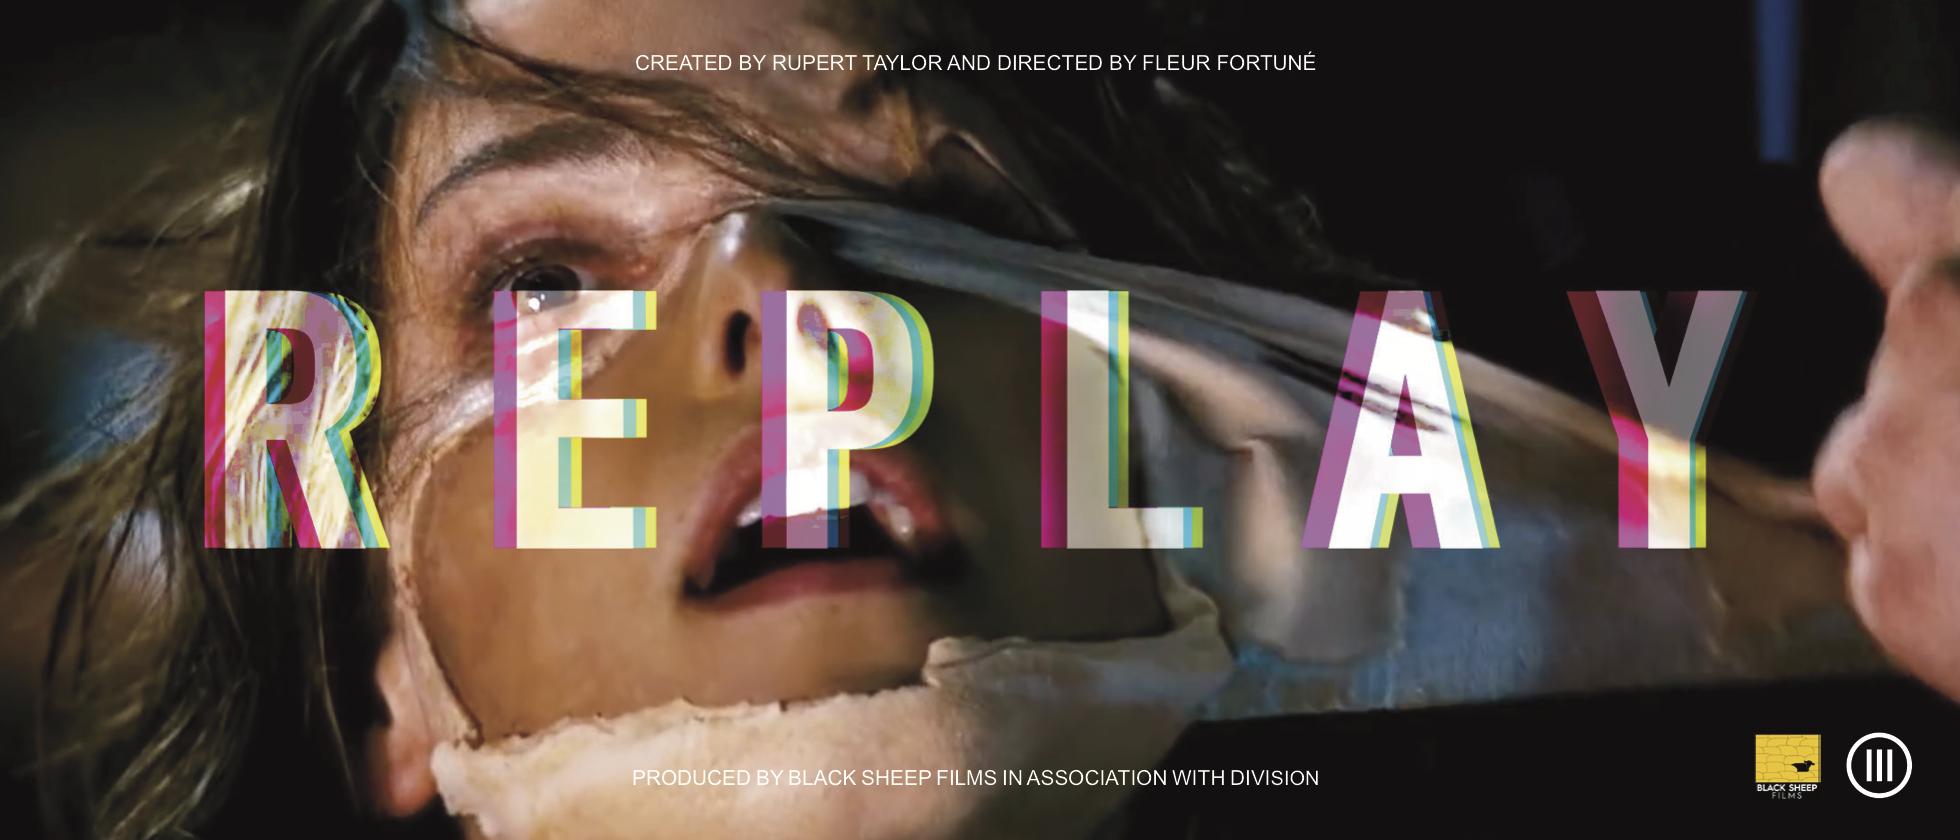 Replay (Black Sheep Films e Division Paris) tra i progetti selezionati per il MIA|TV Drama Series Pitching Forum